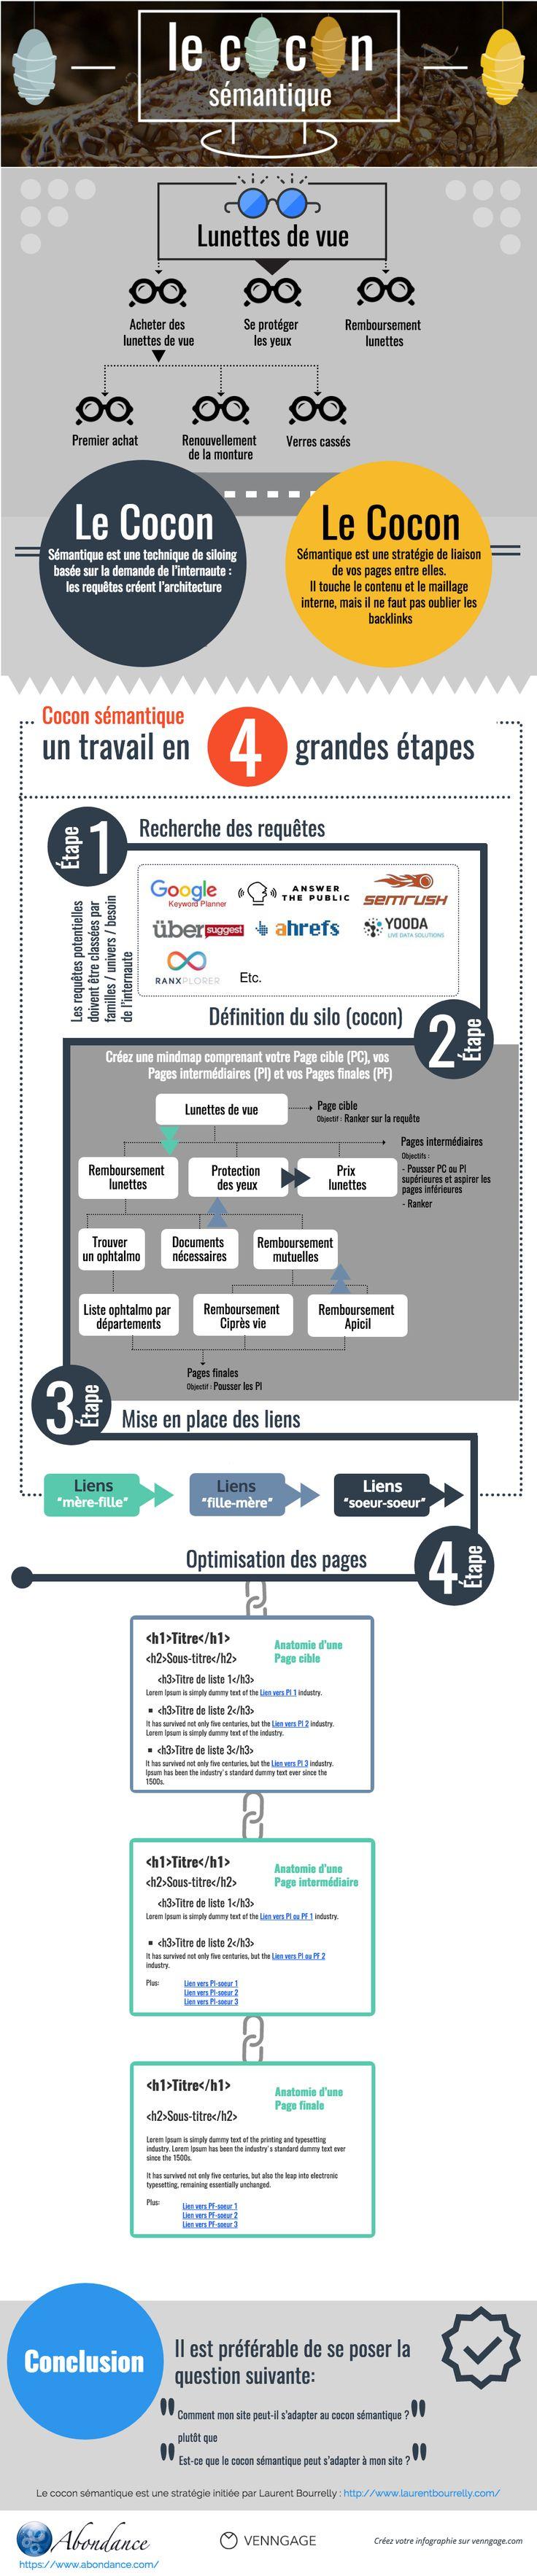 infographie-abondance-cocon-semantique.png 1000×4800 pixels